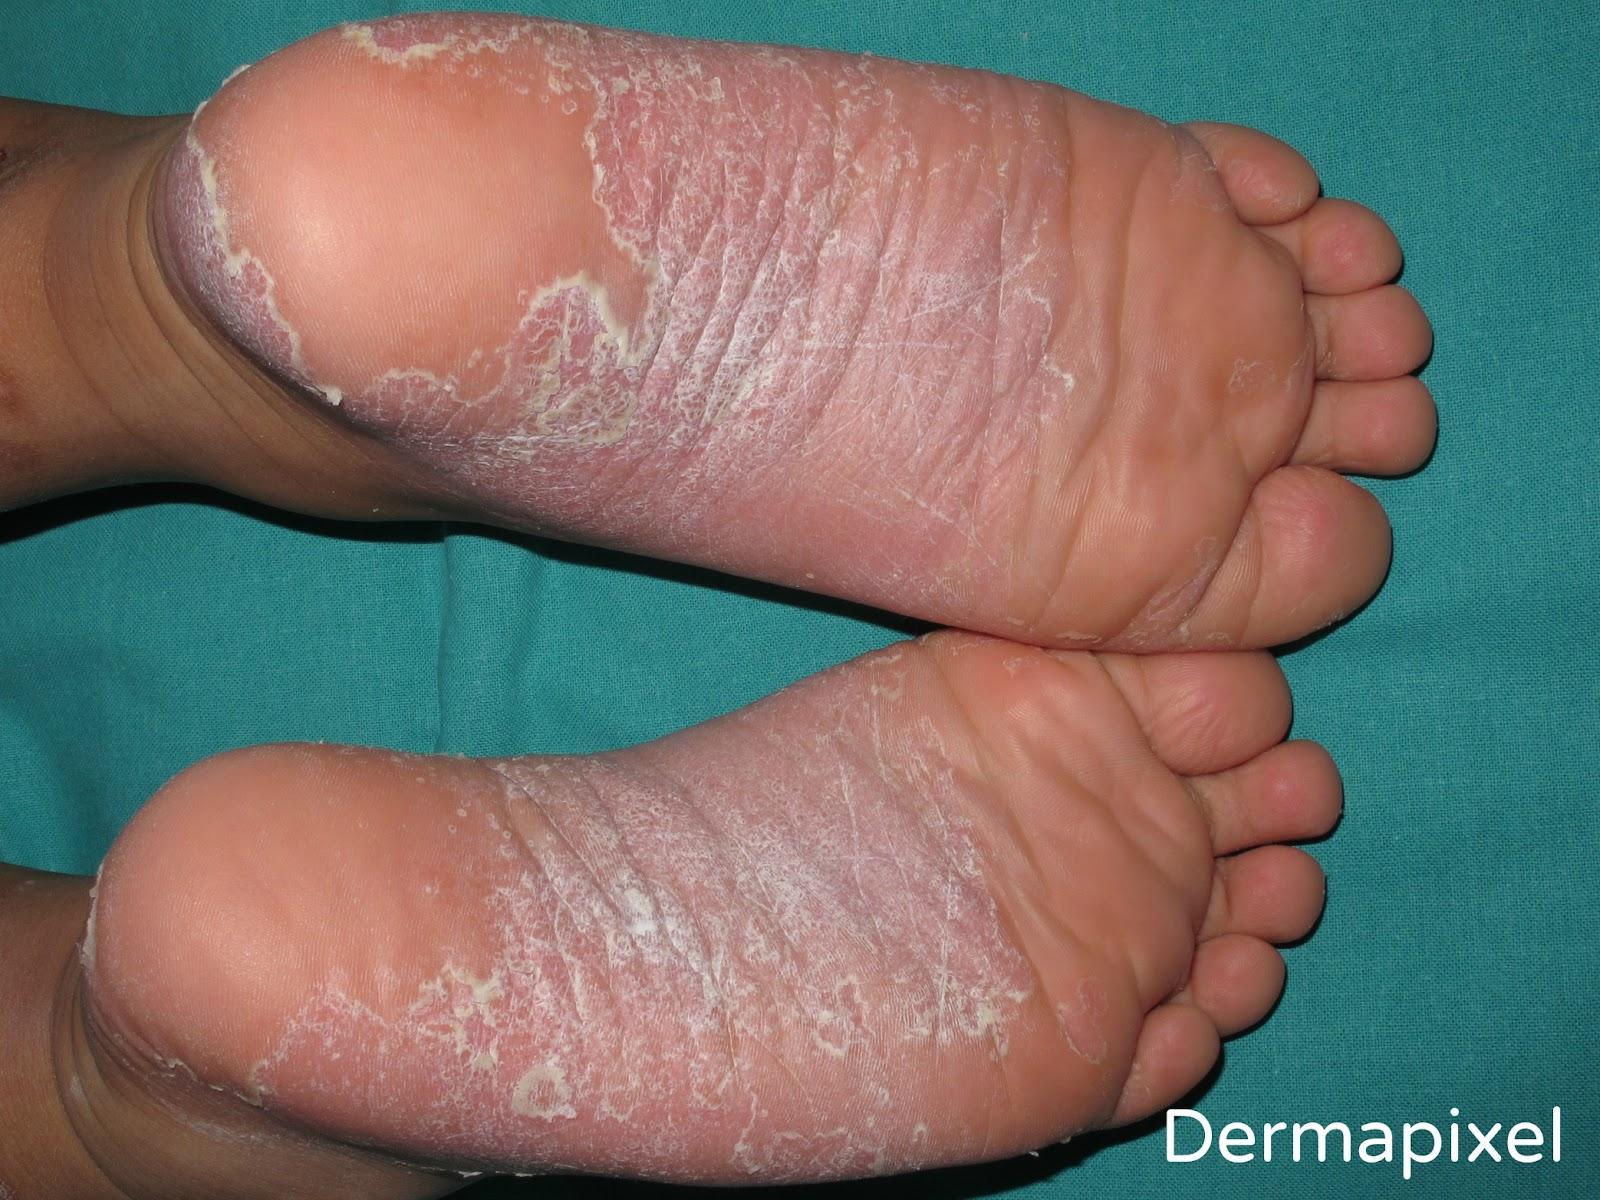 Atopicheskim por la dermatitis y la homeopatía